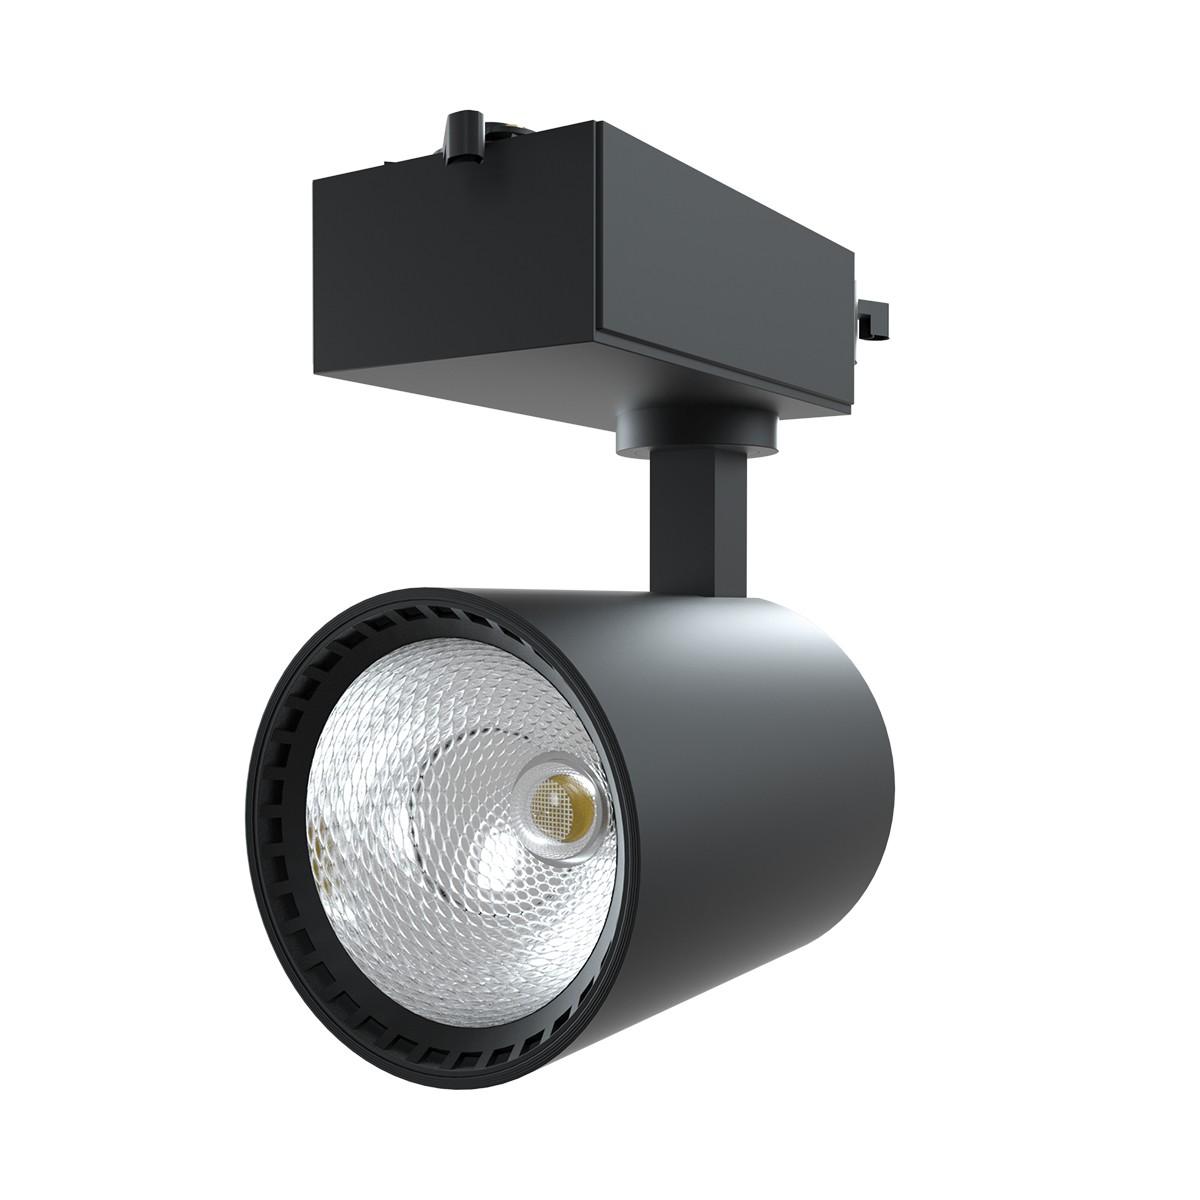 Spot LED Preto Aluminio 18W Bivolt Luz Amarela - Luminatti